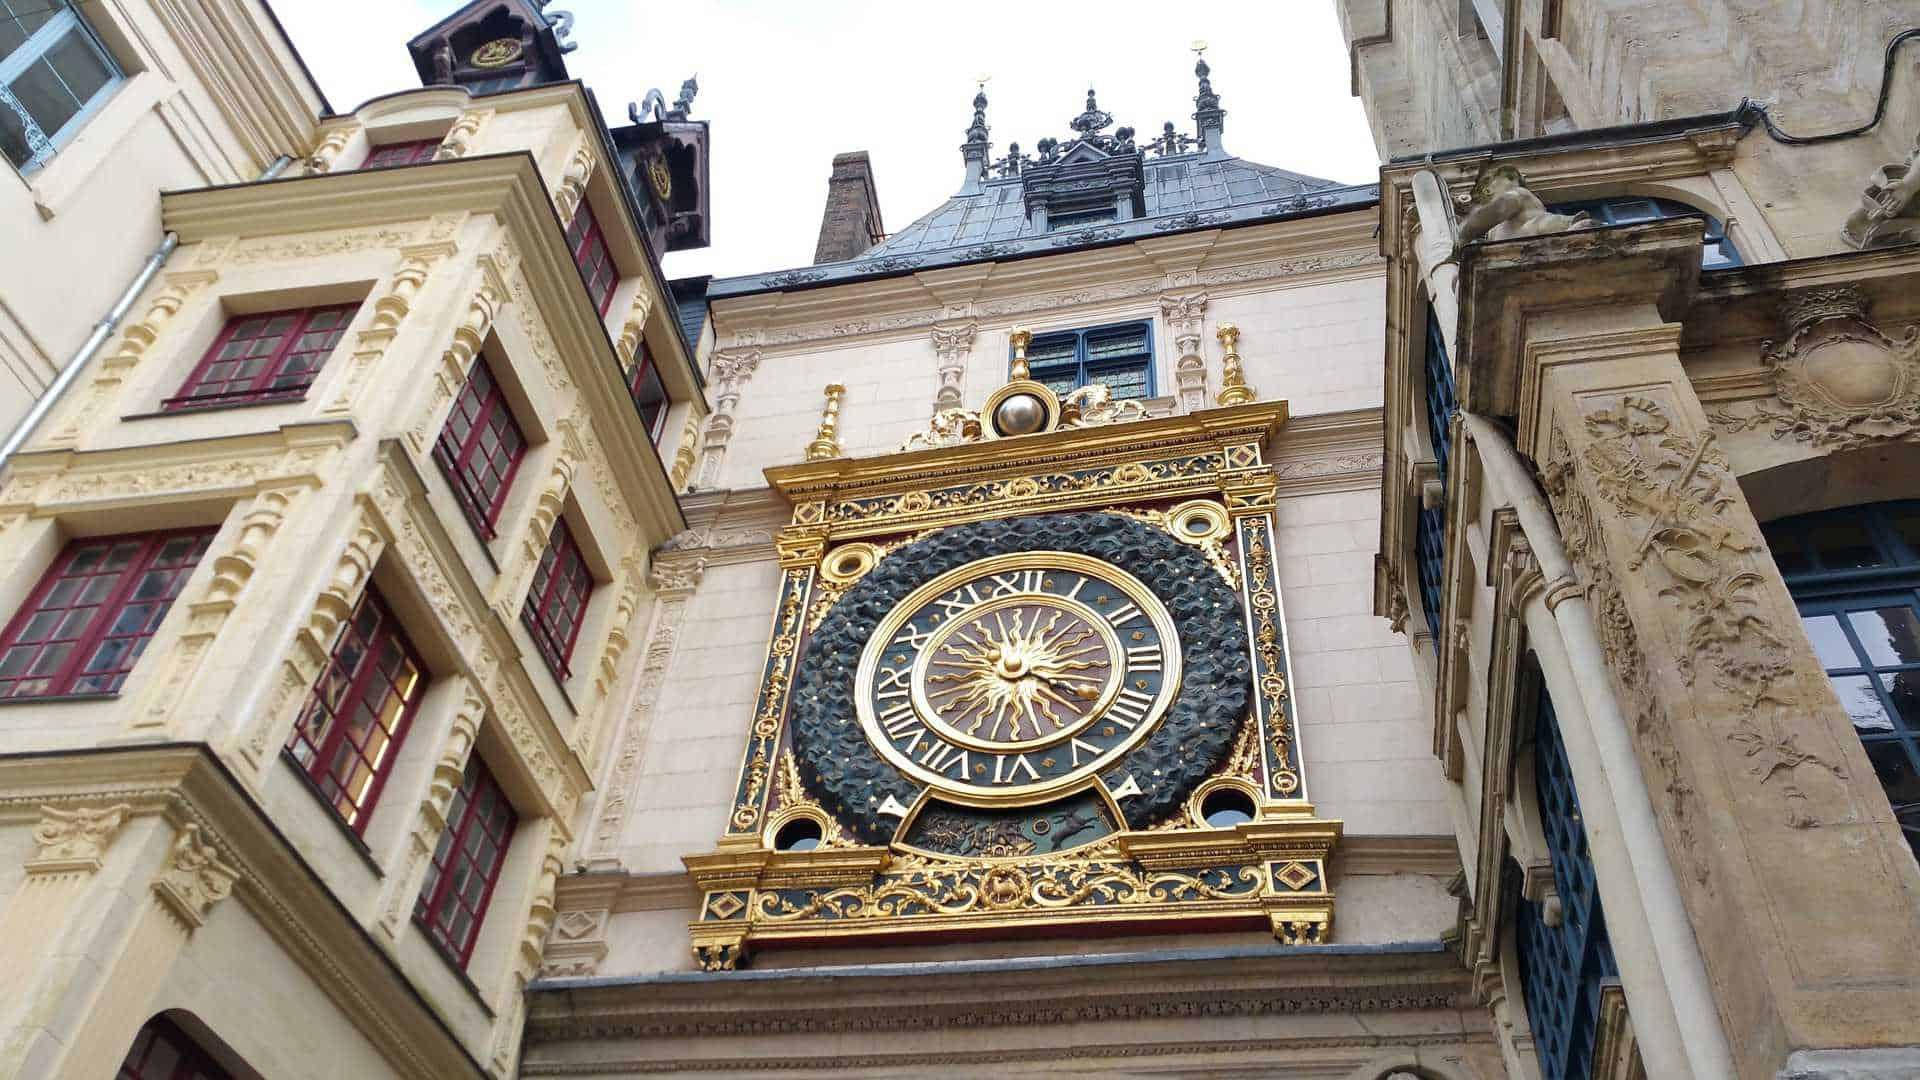 Die mittelalterliche Uhr mit Viertelstundenschlag im französischen Rouen von 1389